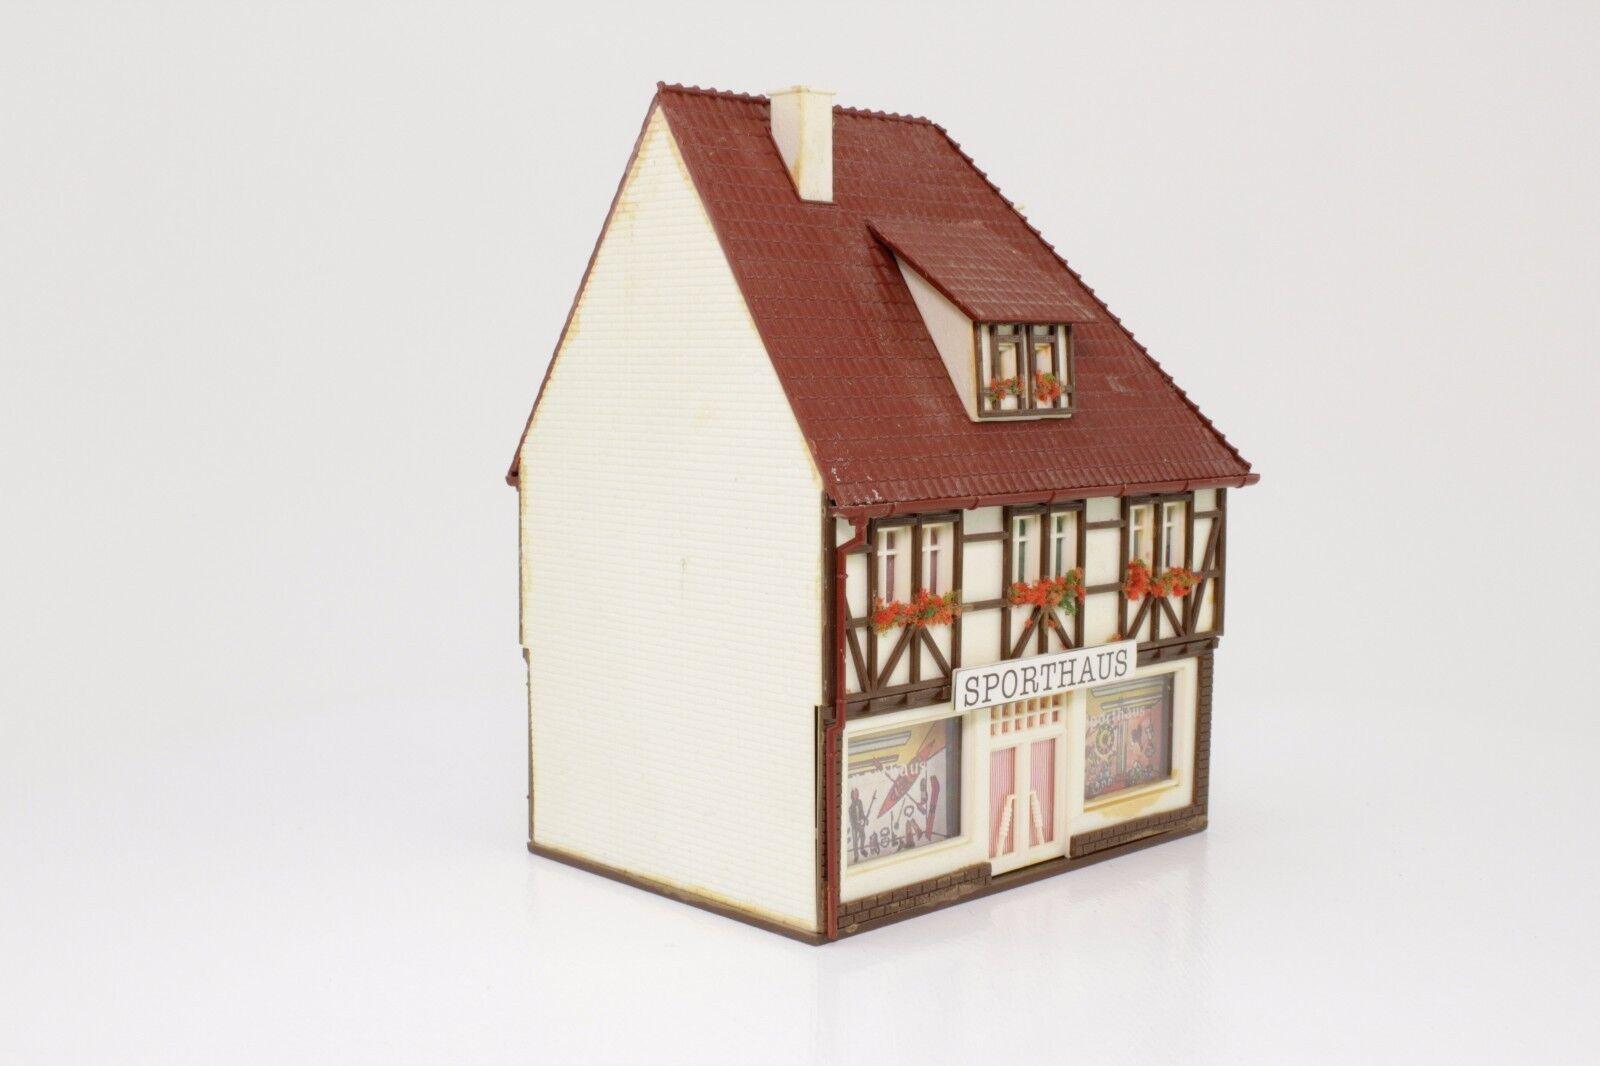 H0 Vollmer 54663 Sporthaus Sportshop Wohn- und und und Geschäftshaus fertig aufgebaut  | Online-Shop  4f3159